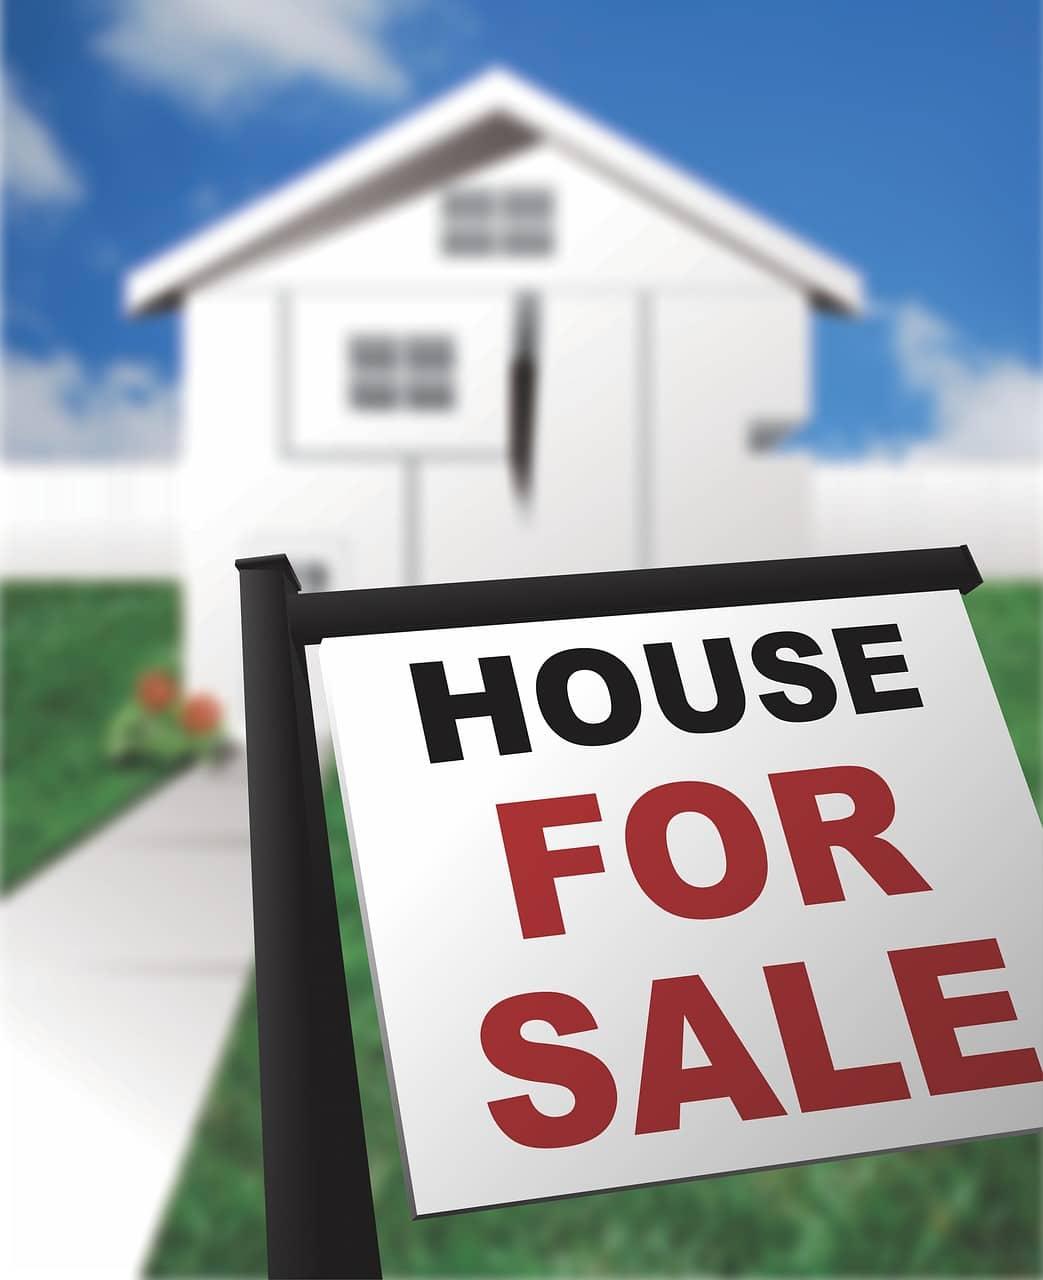 acheter-ou-louer-son-logement